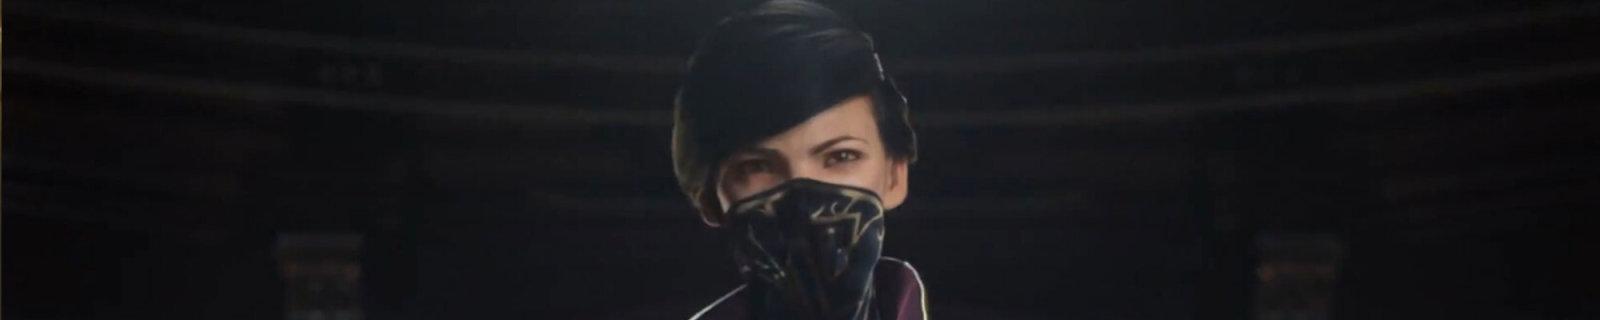 《羞辱2》E3 2015 预告片公布